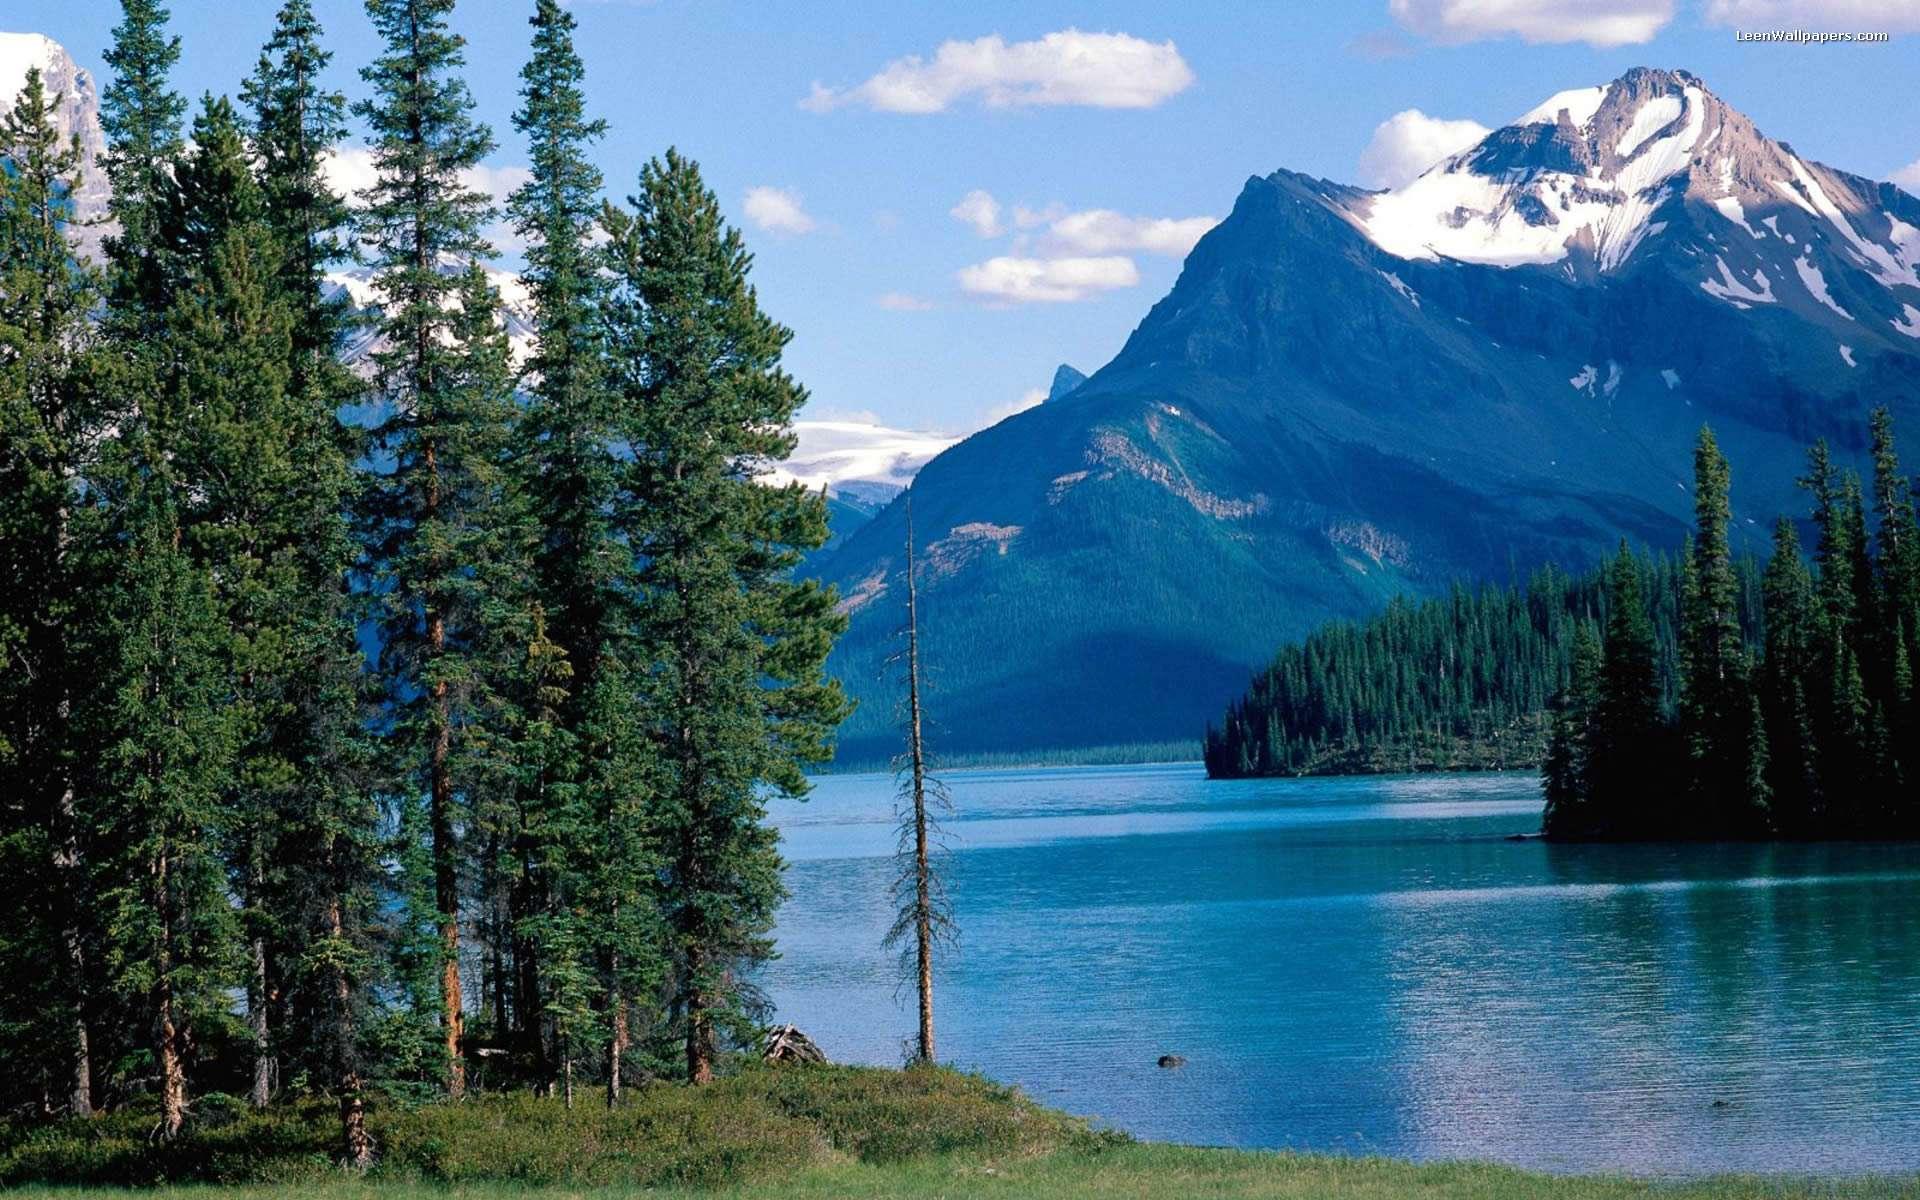 Beautiful Mountain View Desktop Wallpapers Wallpapersafari